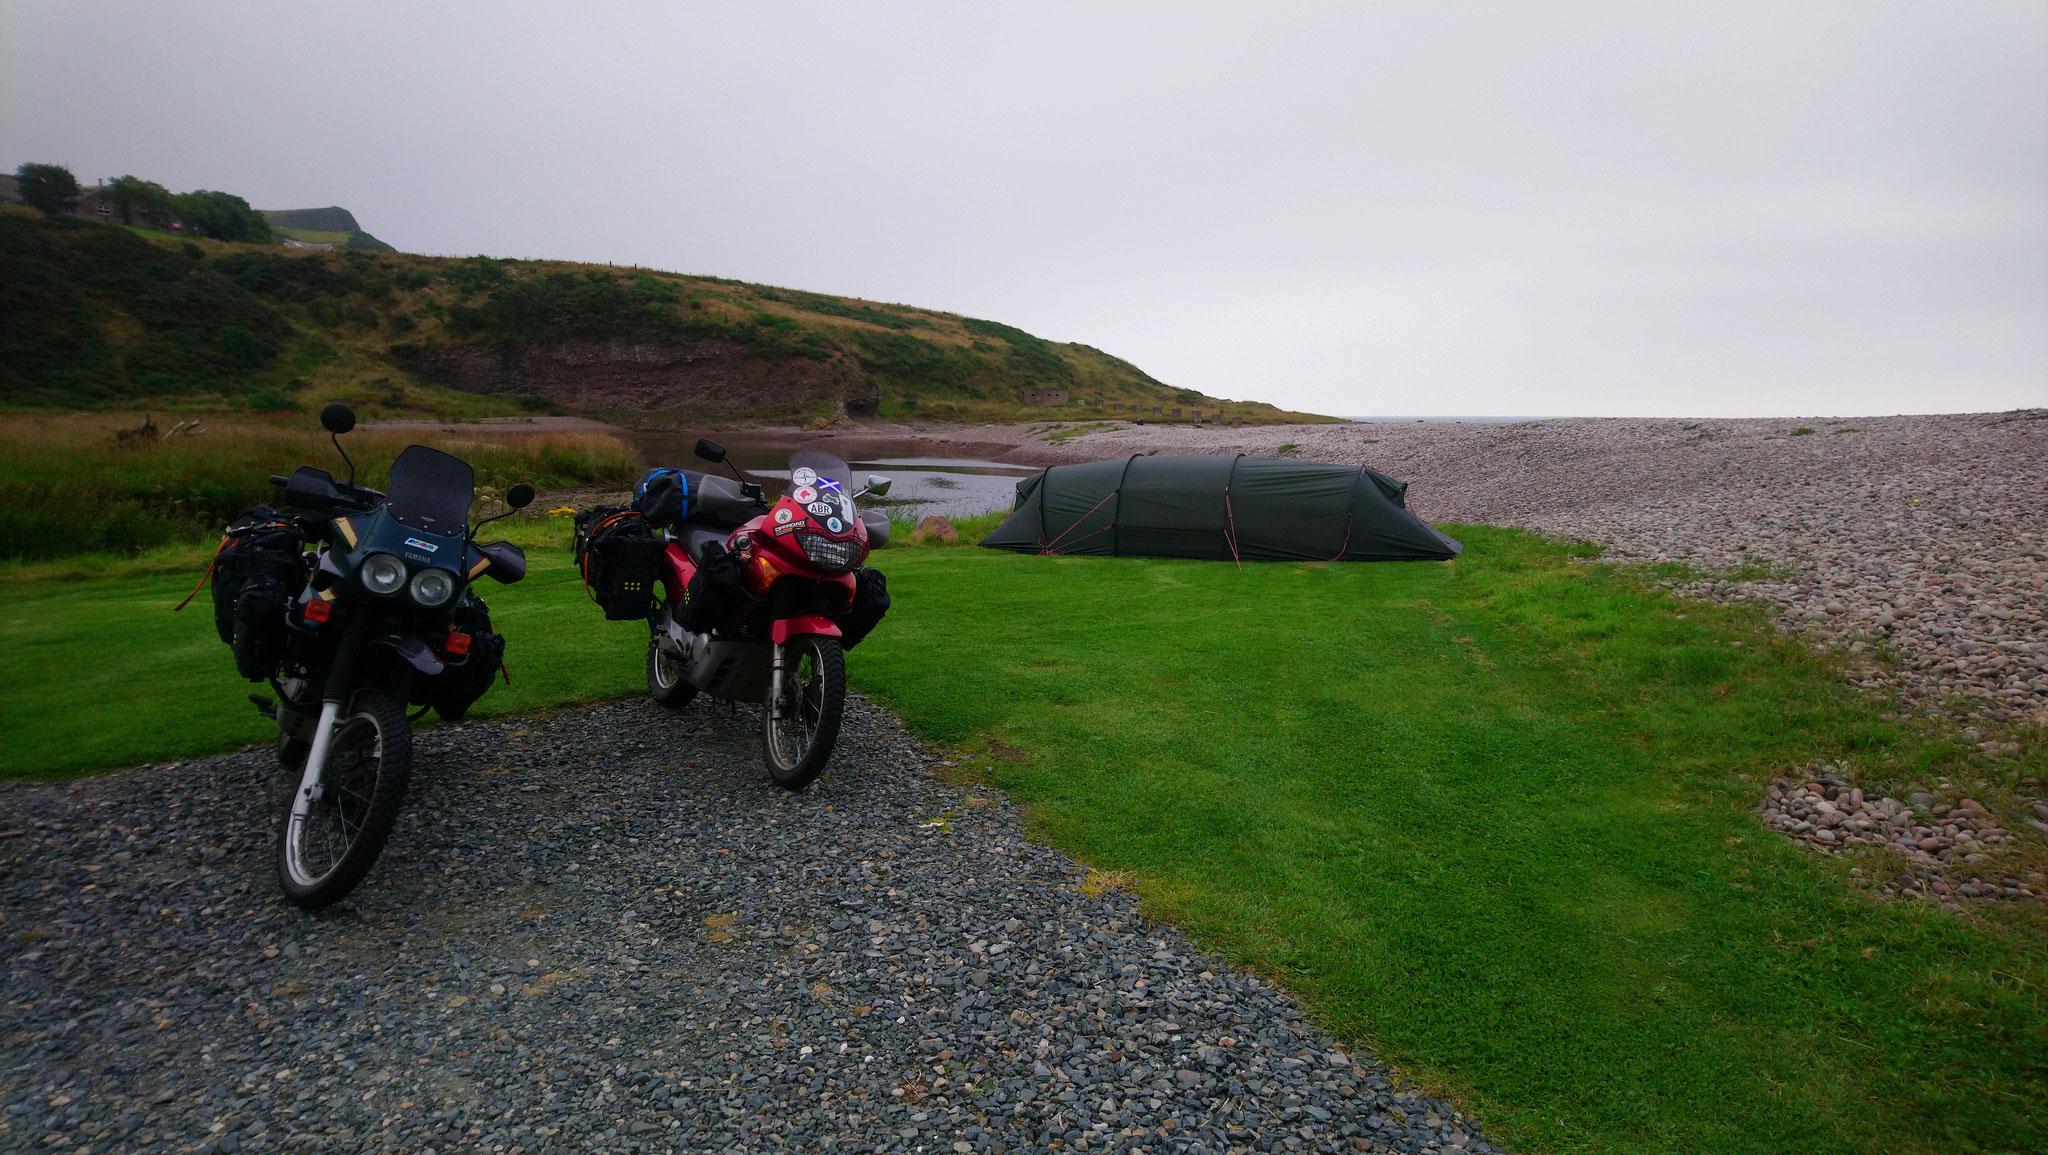 letztes Campen am Wasser in Inverbervie